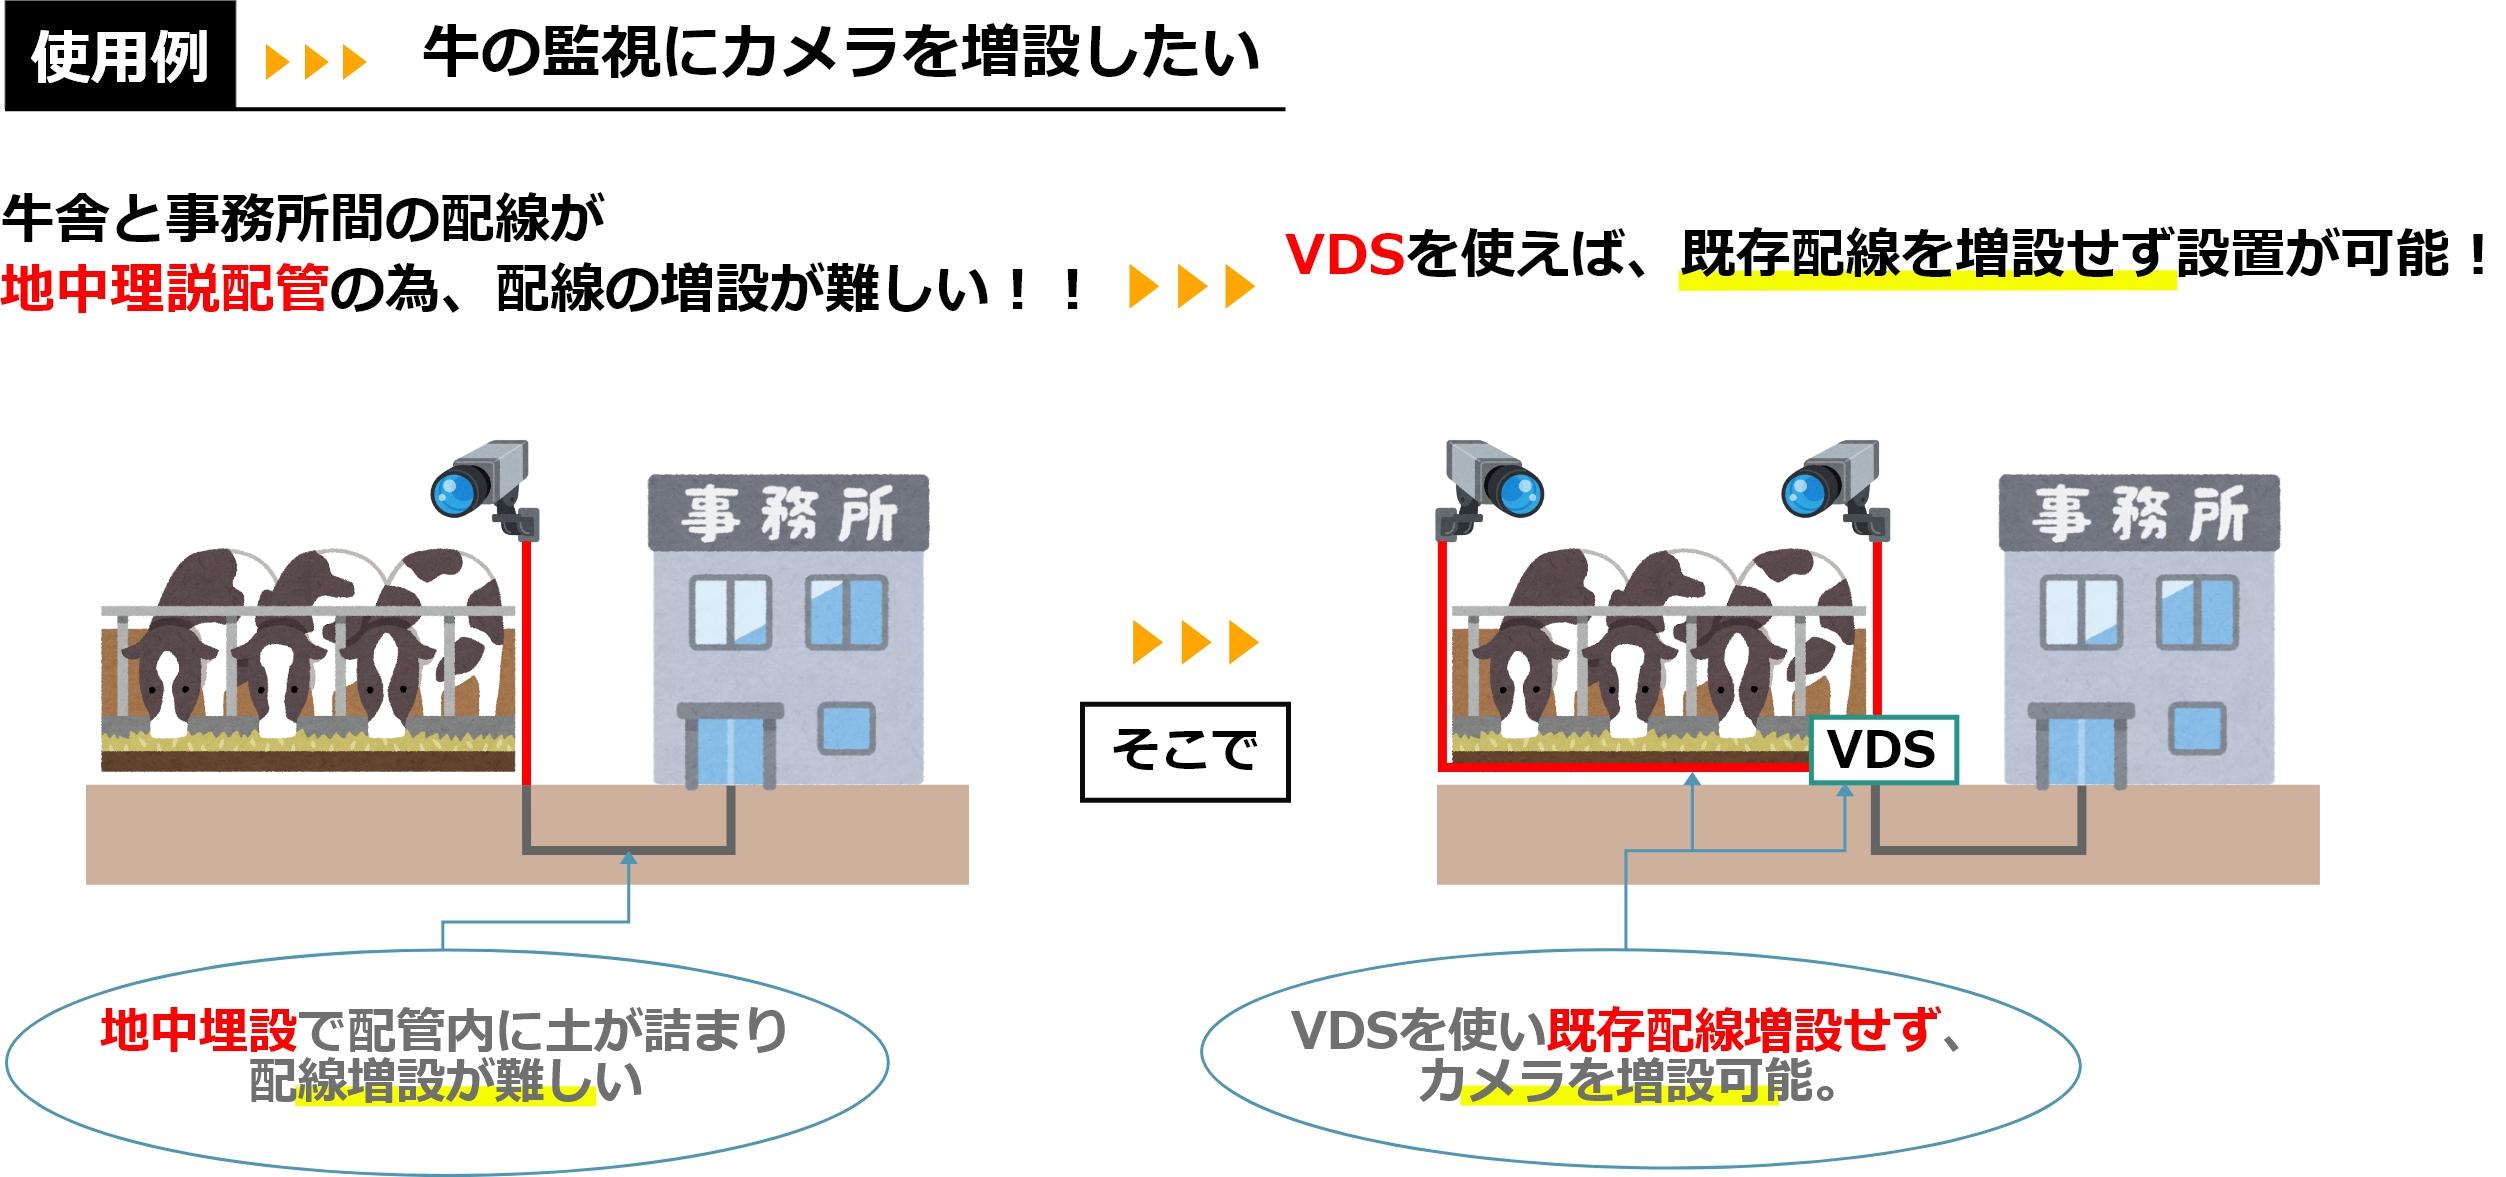 使用例:牛舎へカメラの増設